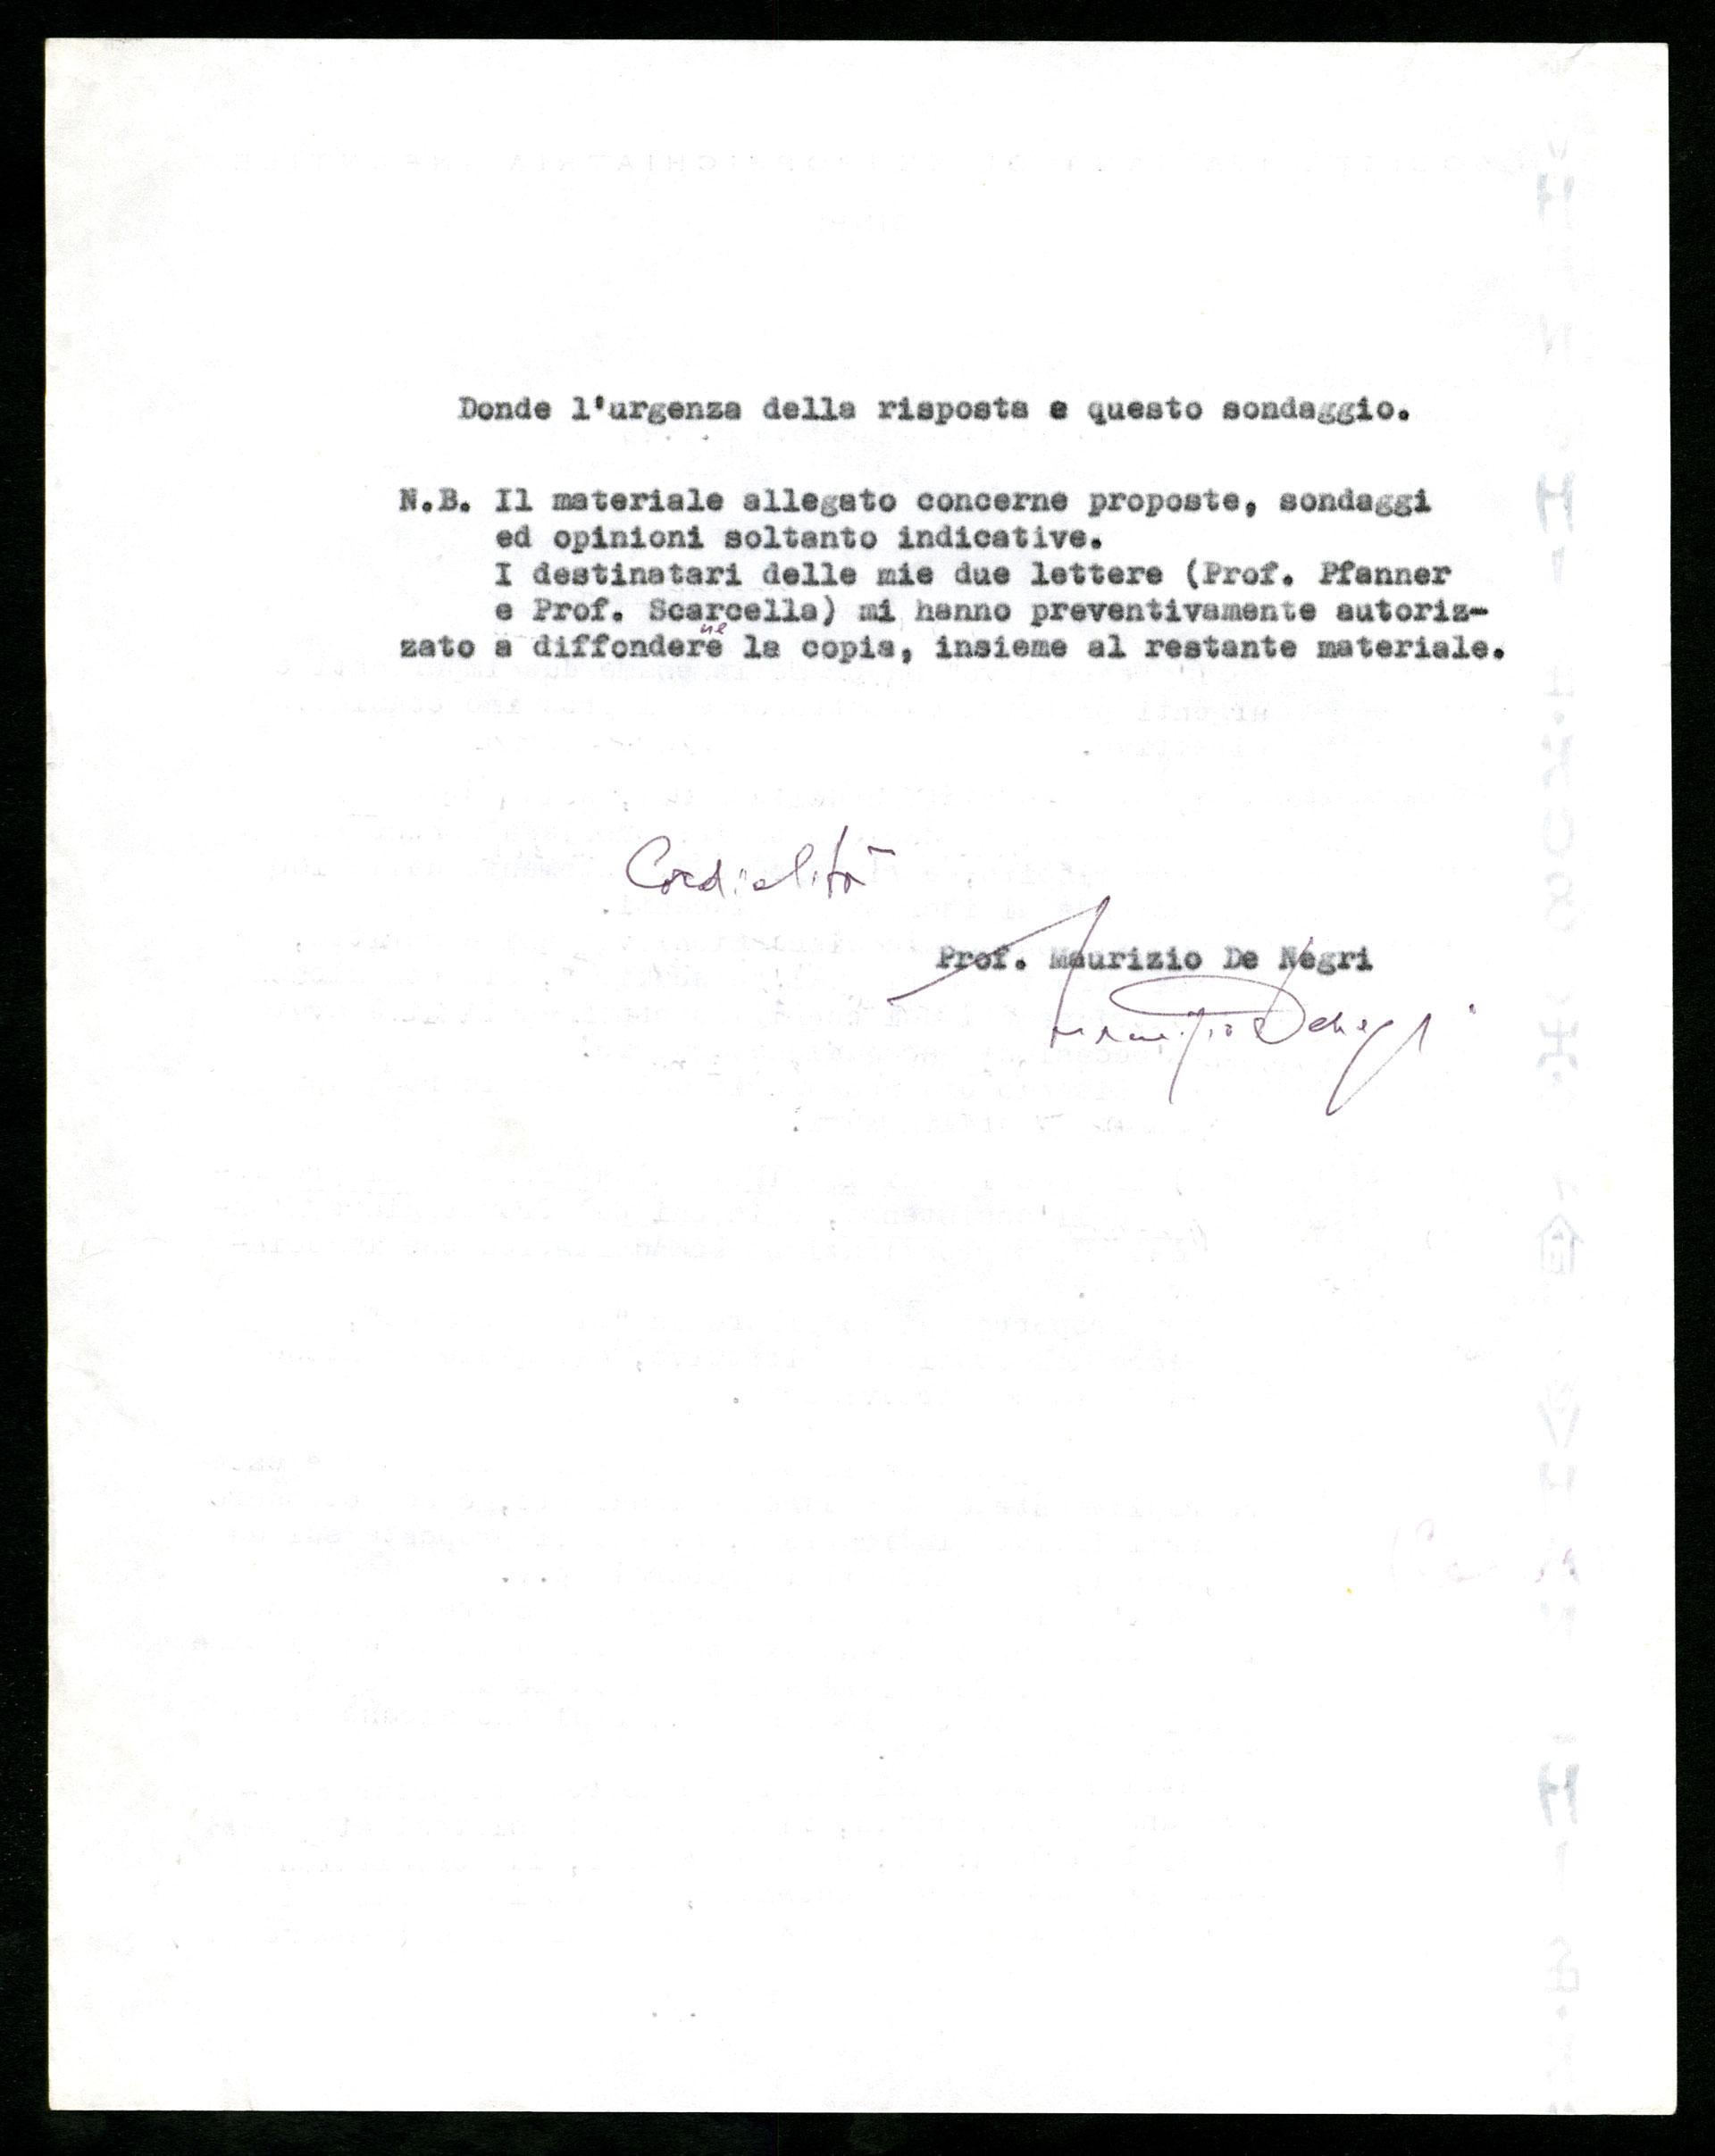 Lettera di De Negri, presidente della Società italiana di Neuropsichiatria infantile, a Berrini, 1973